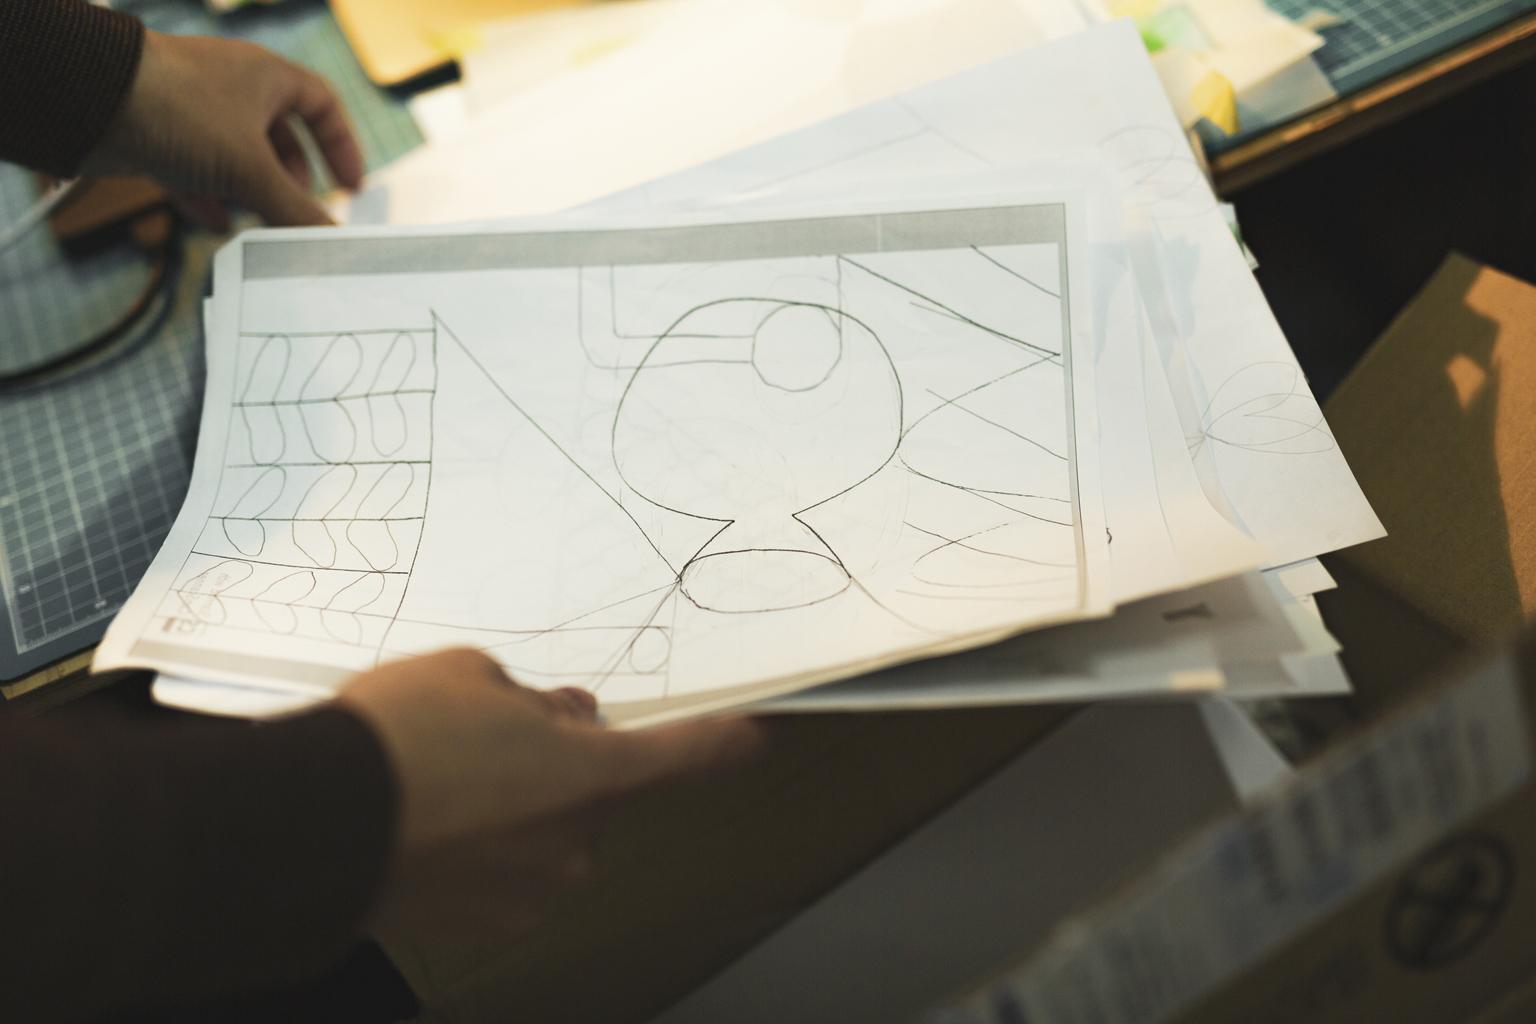 紙に描かれた、たくさんのドローイング(下絵)写真。何枚もの束になっている